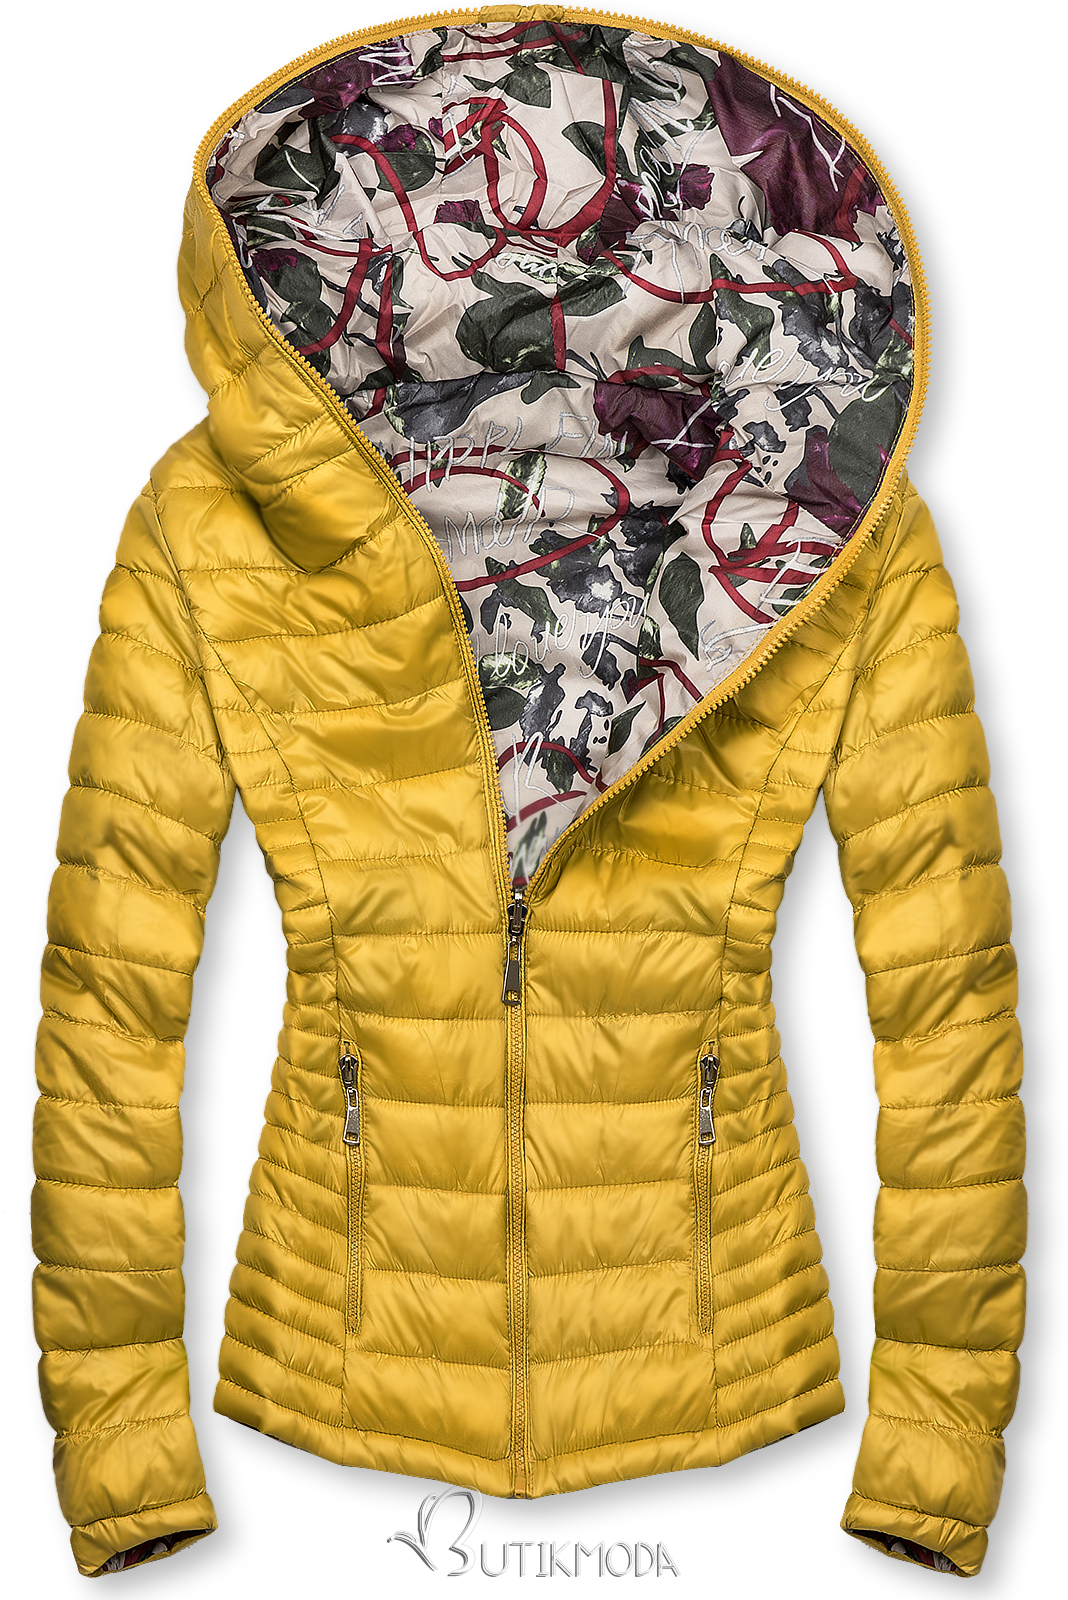 Sárga színű steppelt dzseki színes béléssel